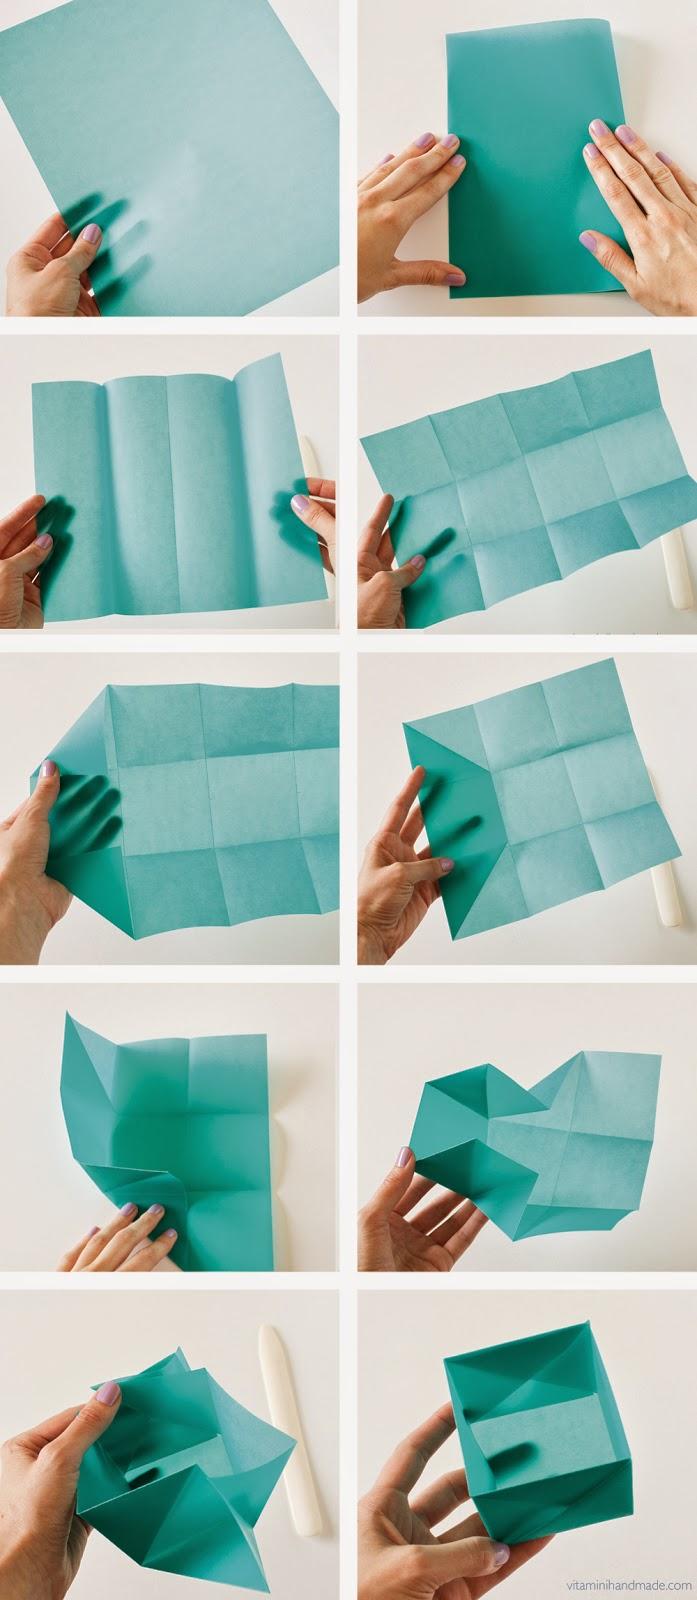 ... 使ったボックスの折り方です : a4 紙 箱 折り方 : 折り方